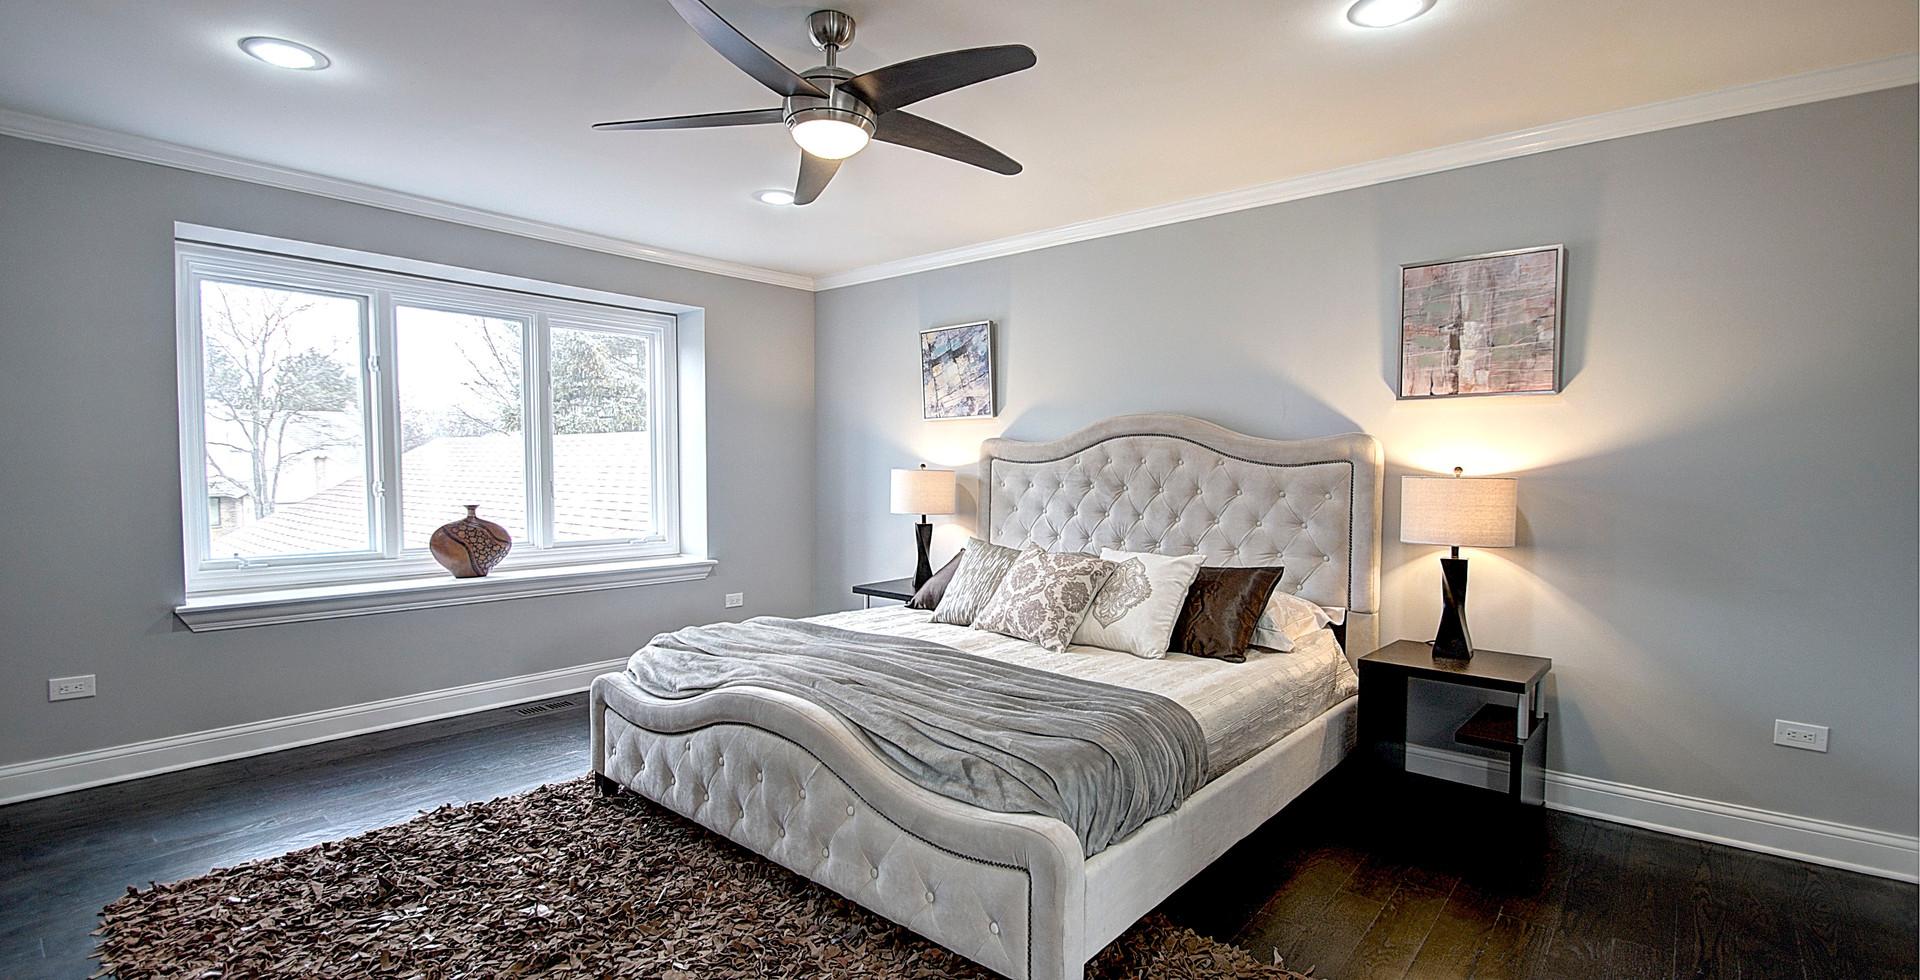 Bedroom in Norridge designed by MRM Home Design.jpg